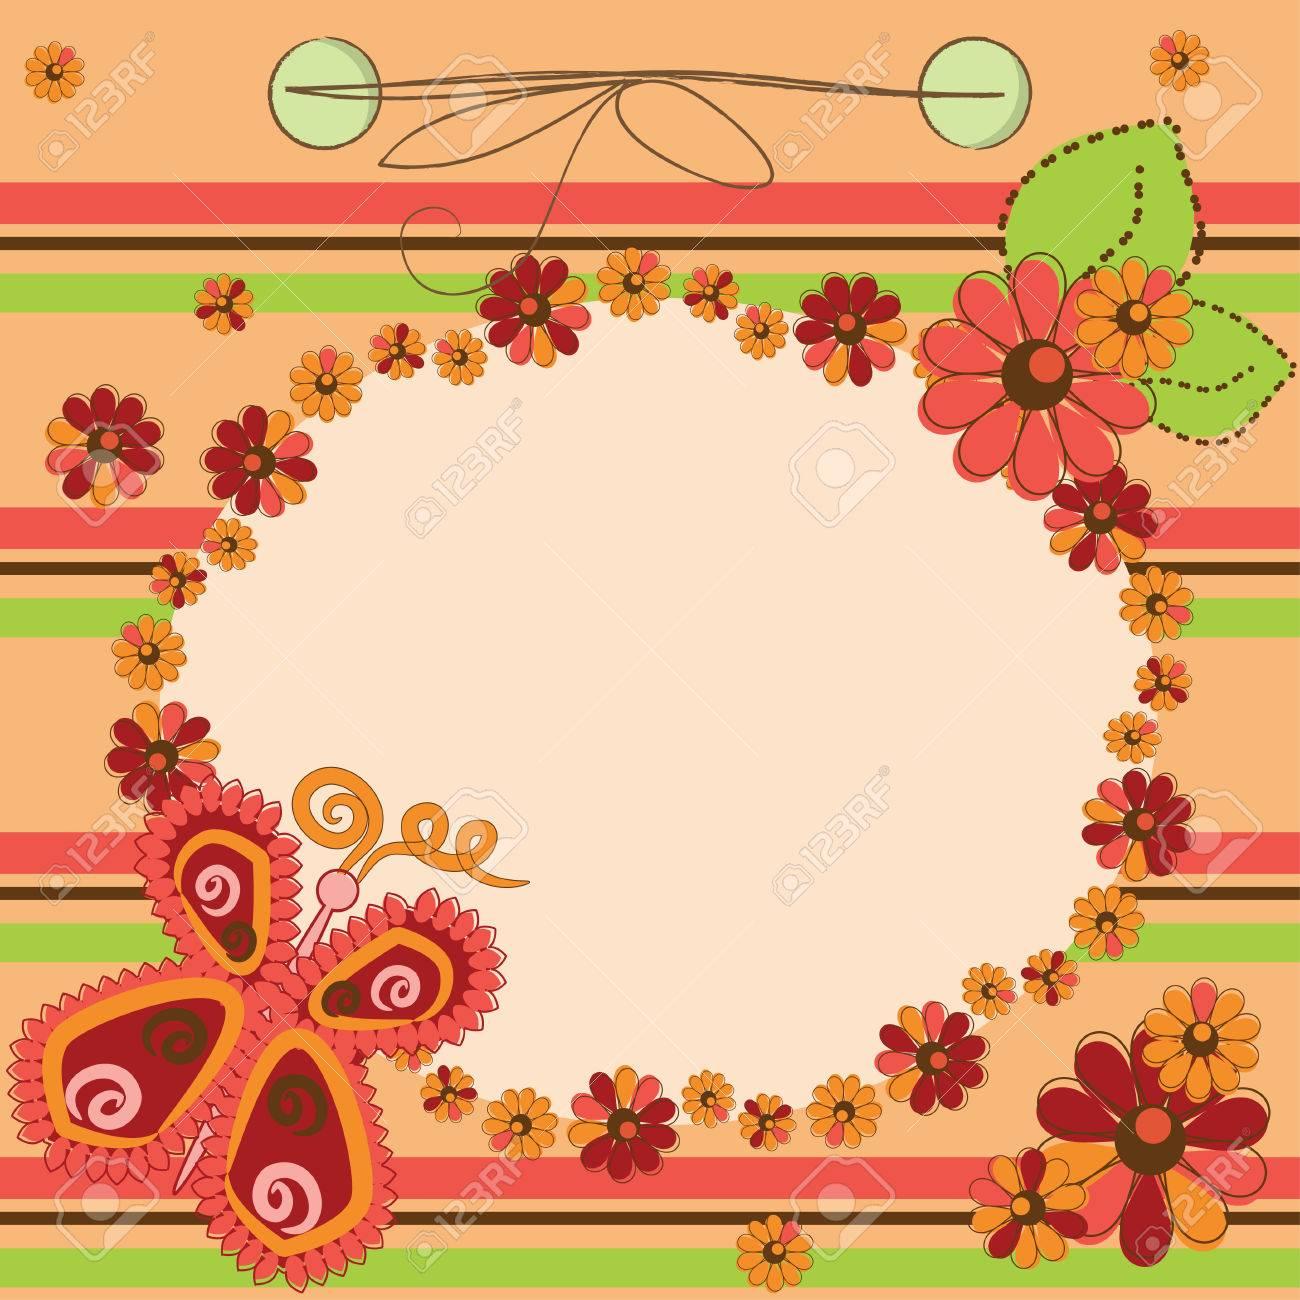 Tarjeta De Invitación Con Flores Y Mariposas